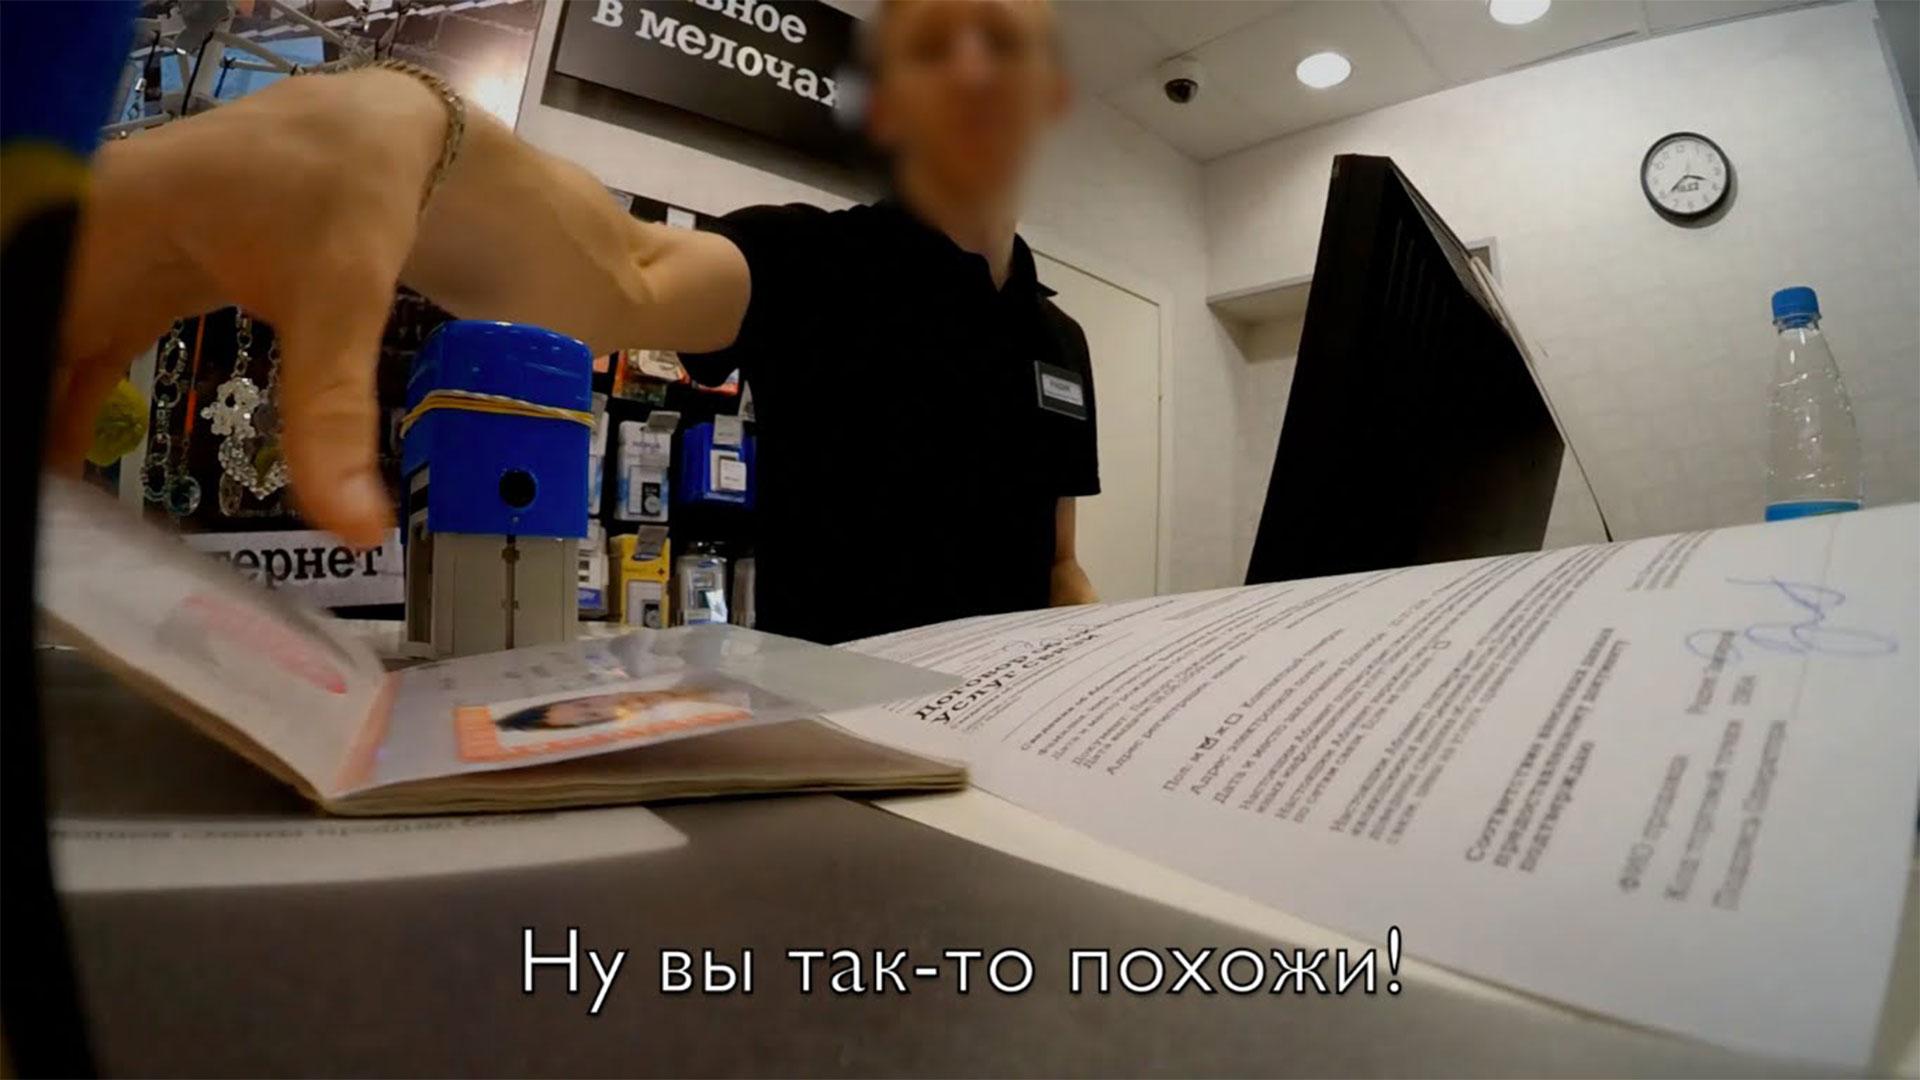 Можно ли взять кредит без присутствия хозяина паспорта